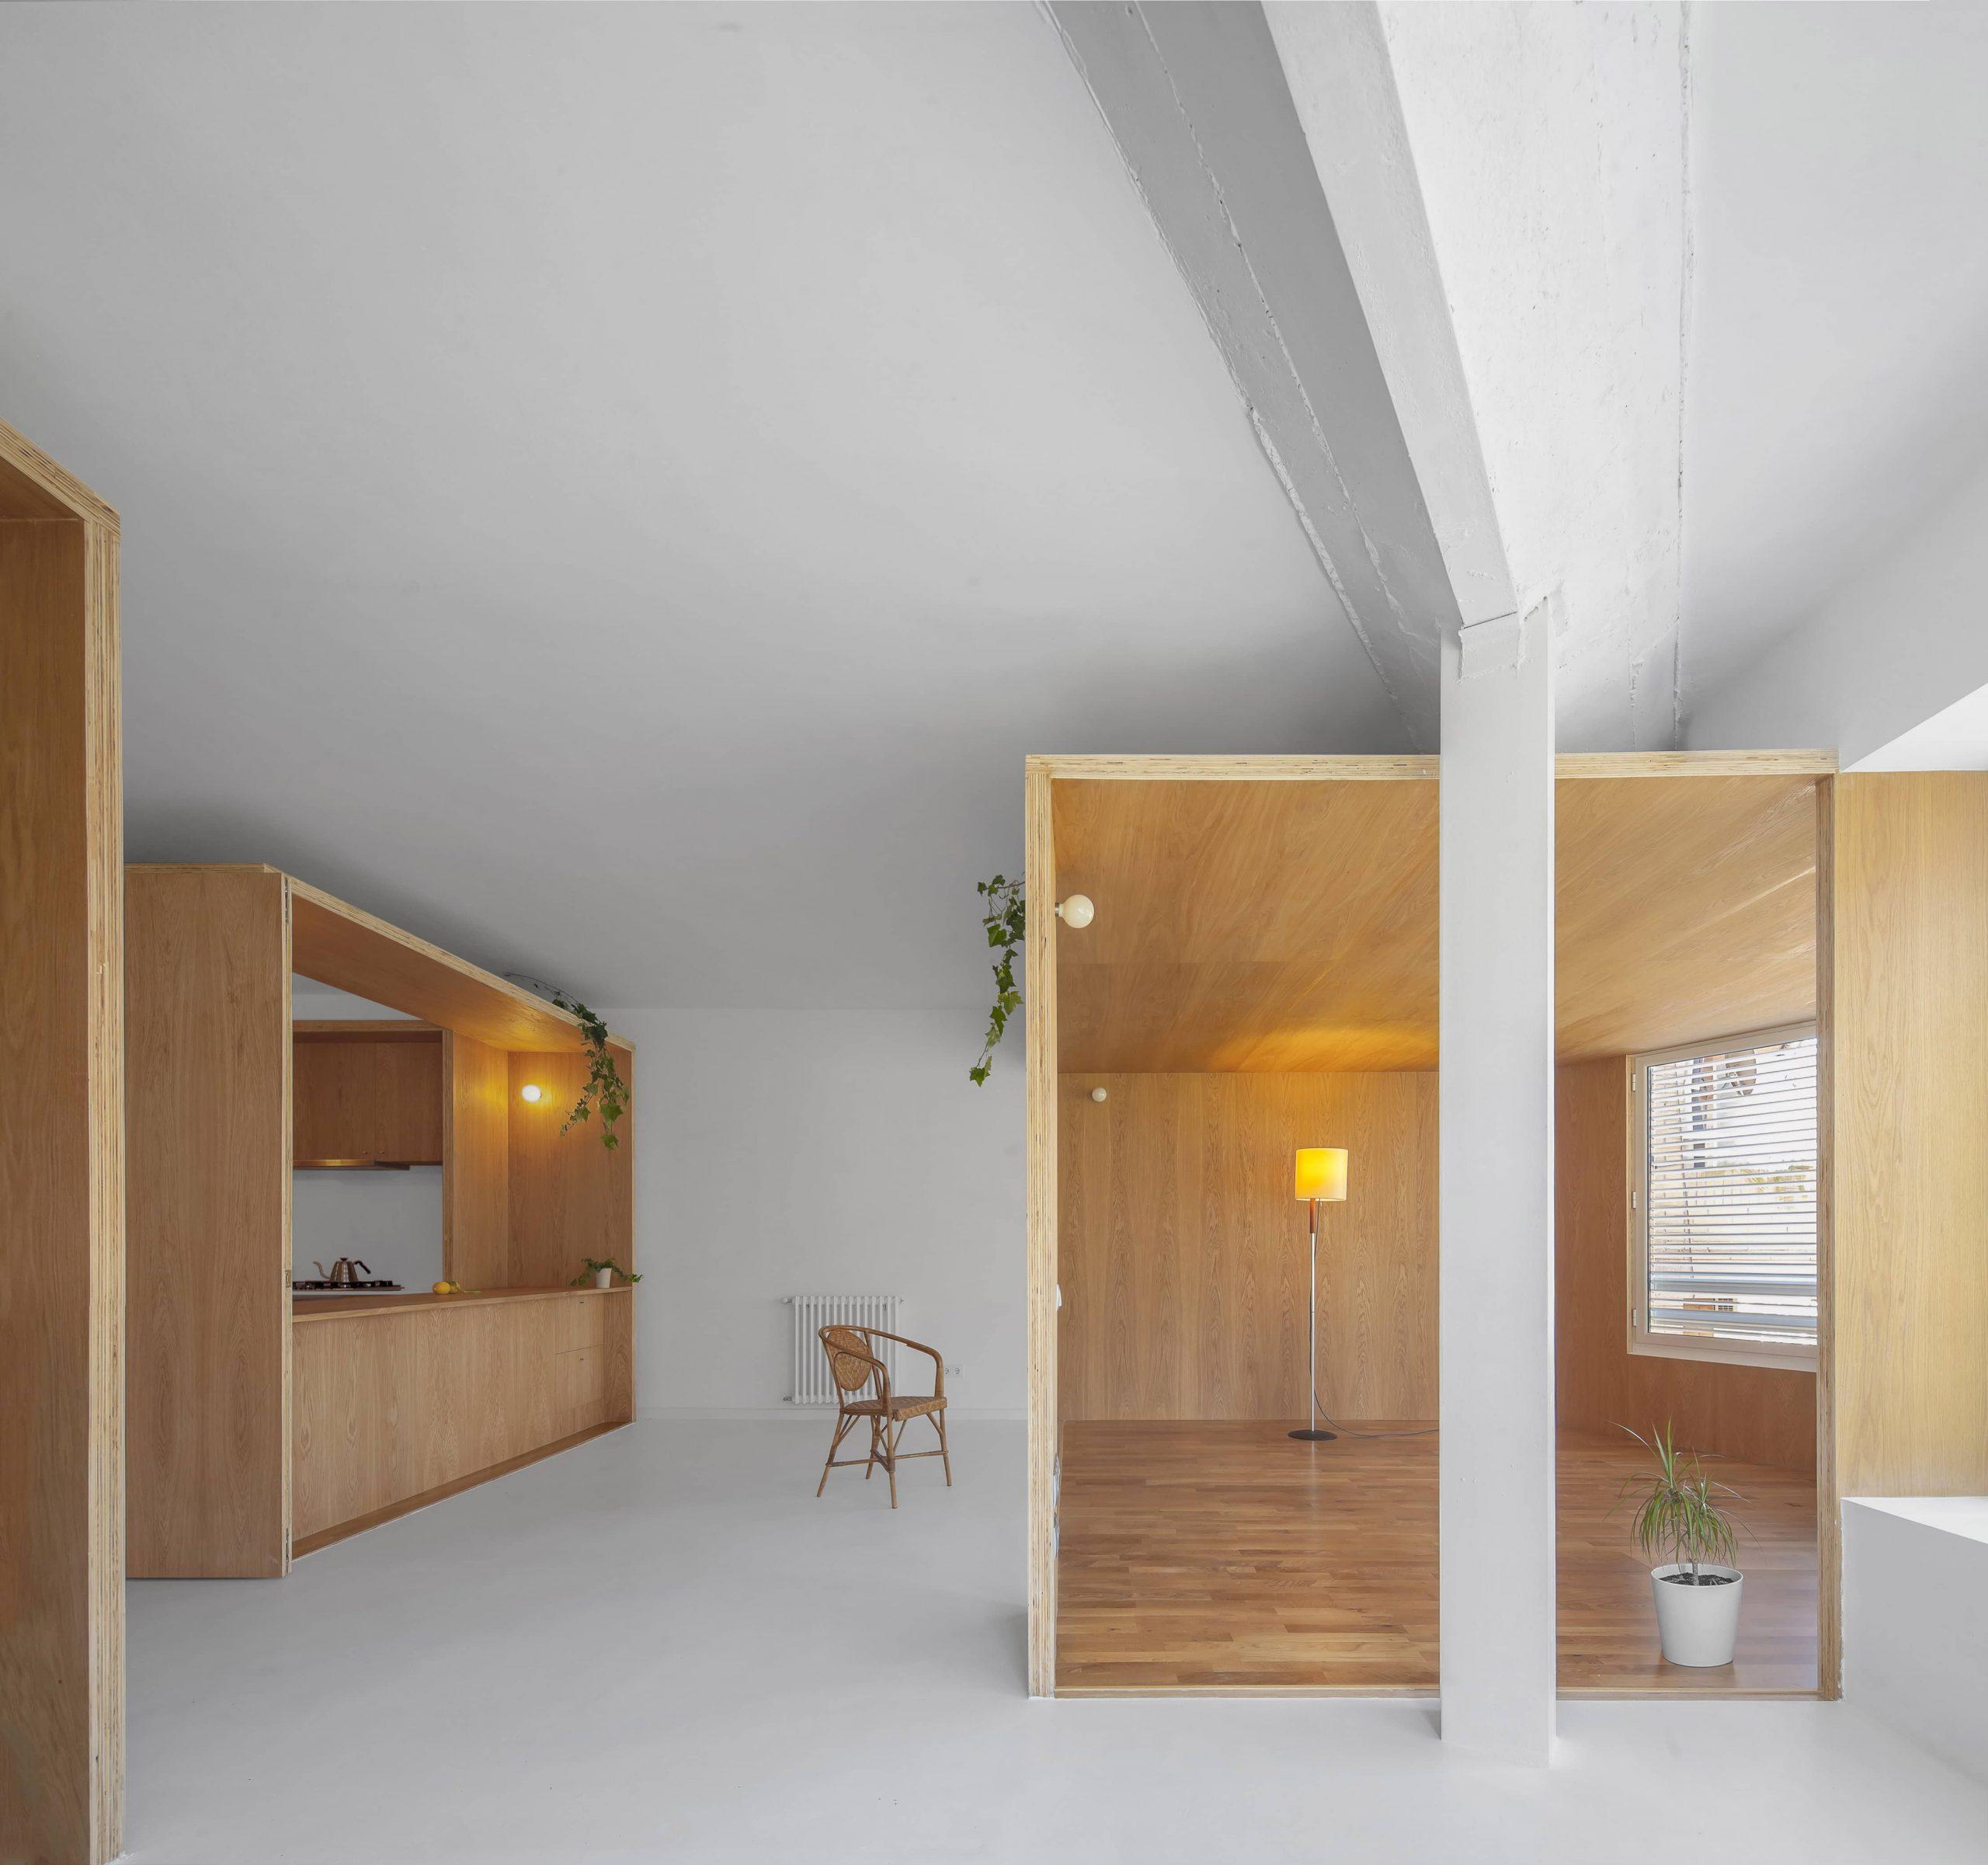 Zona común de la rehabilitación arquitectónica del apartamento extenso-intenso en Barcelona